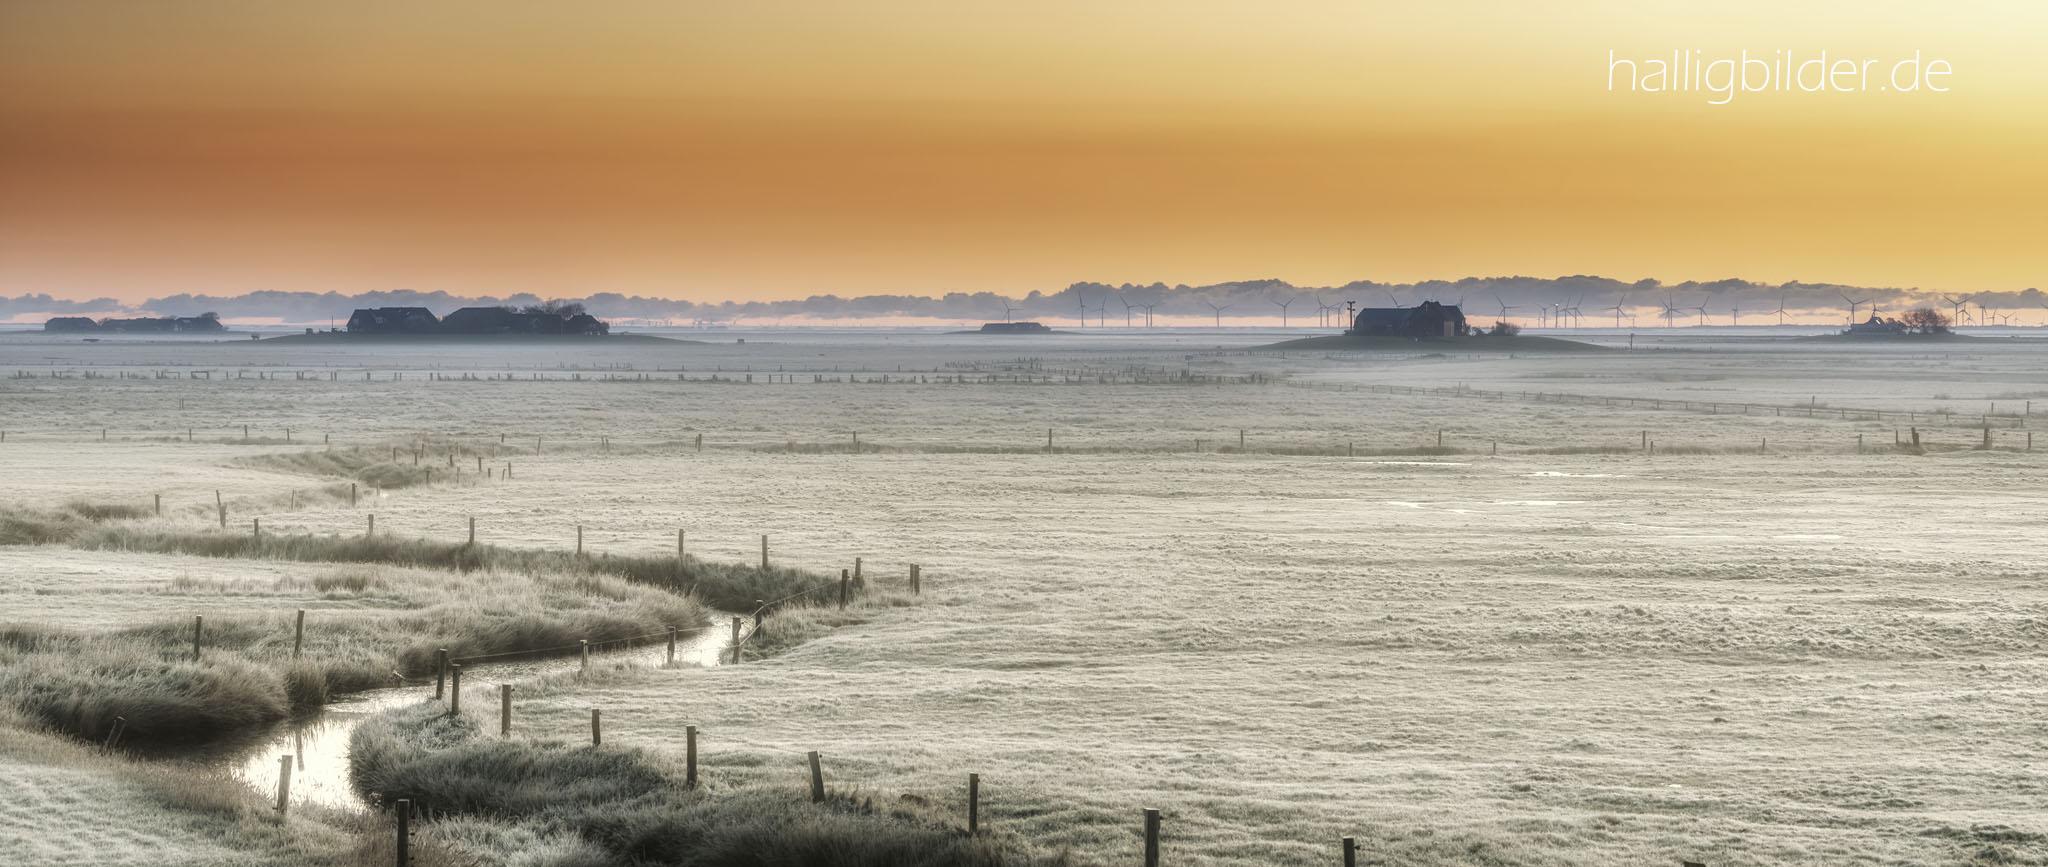 Morgens bei Sonnenaufgang, Raureif bedeckt noch das Halligland